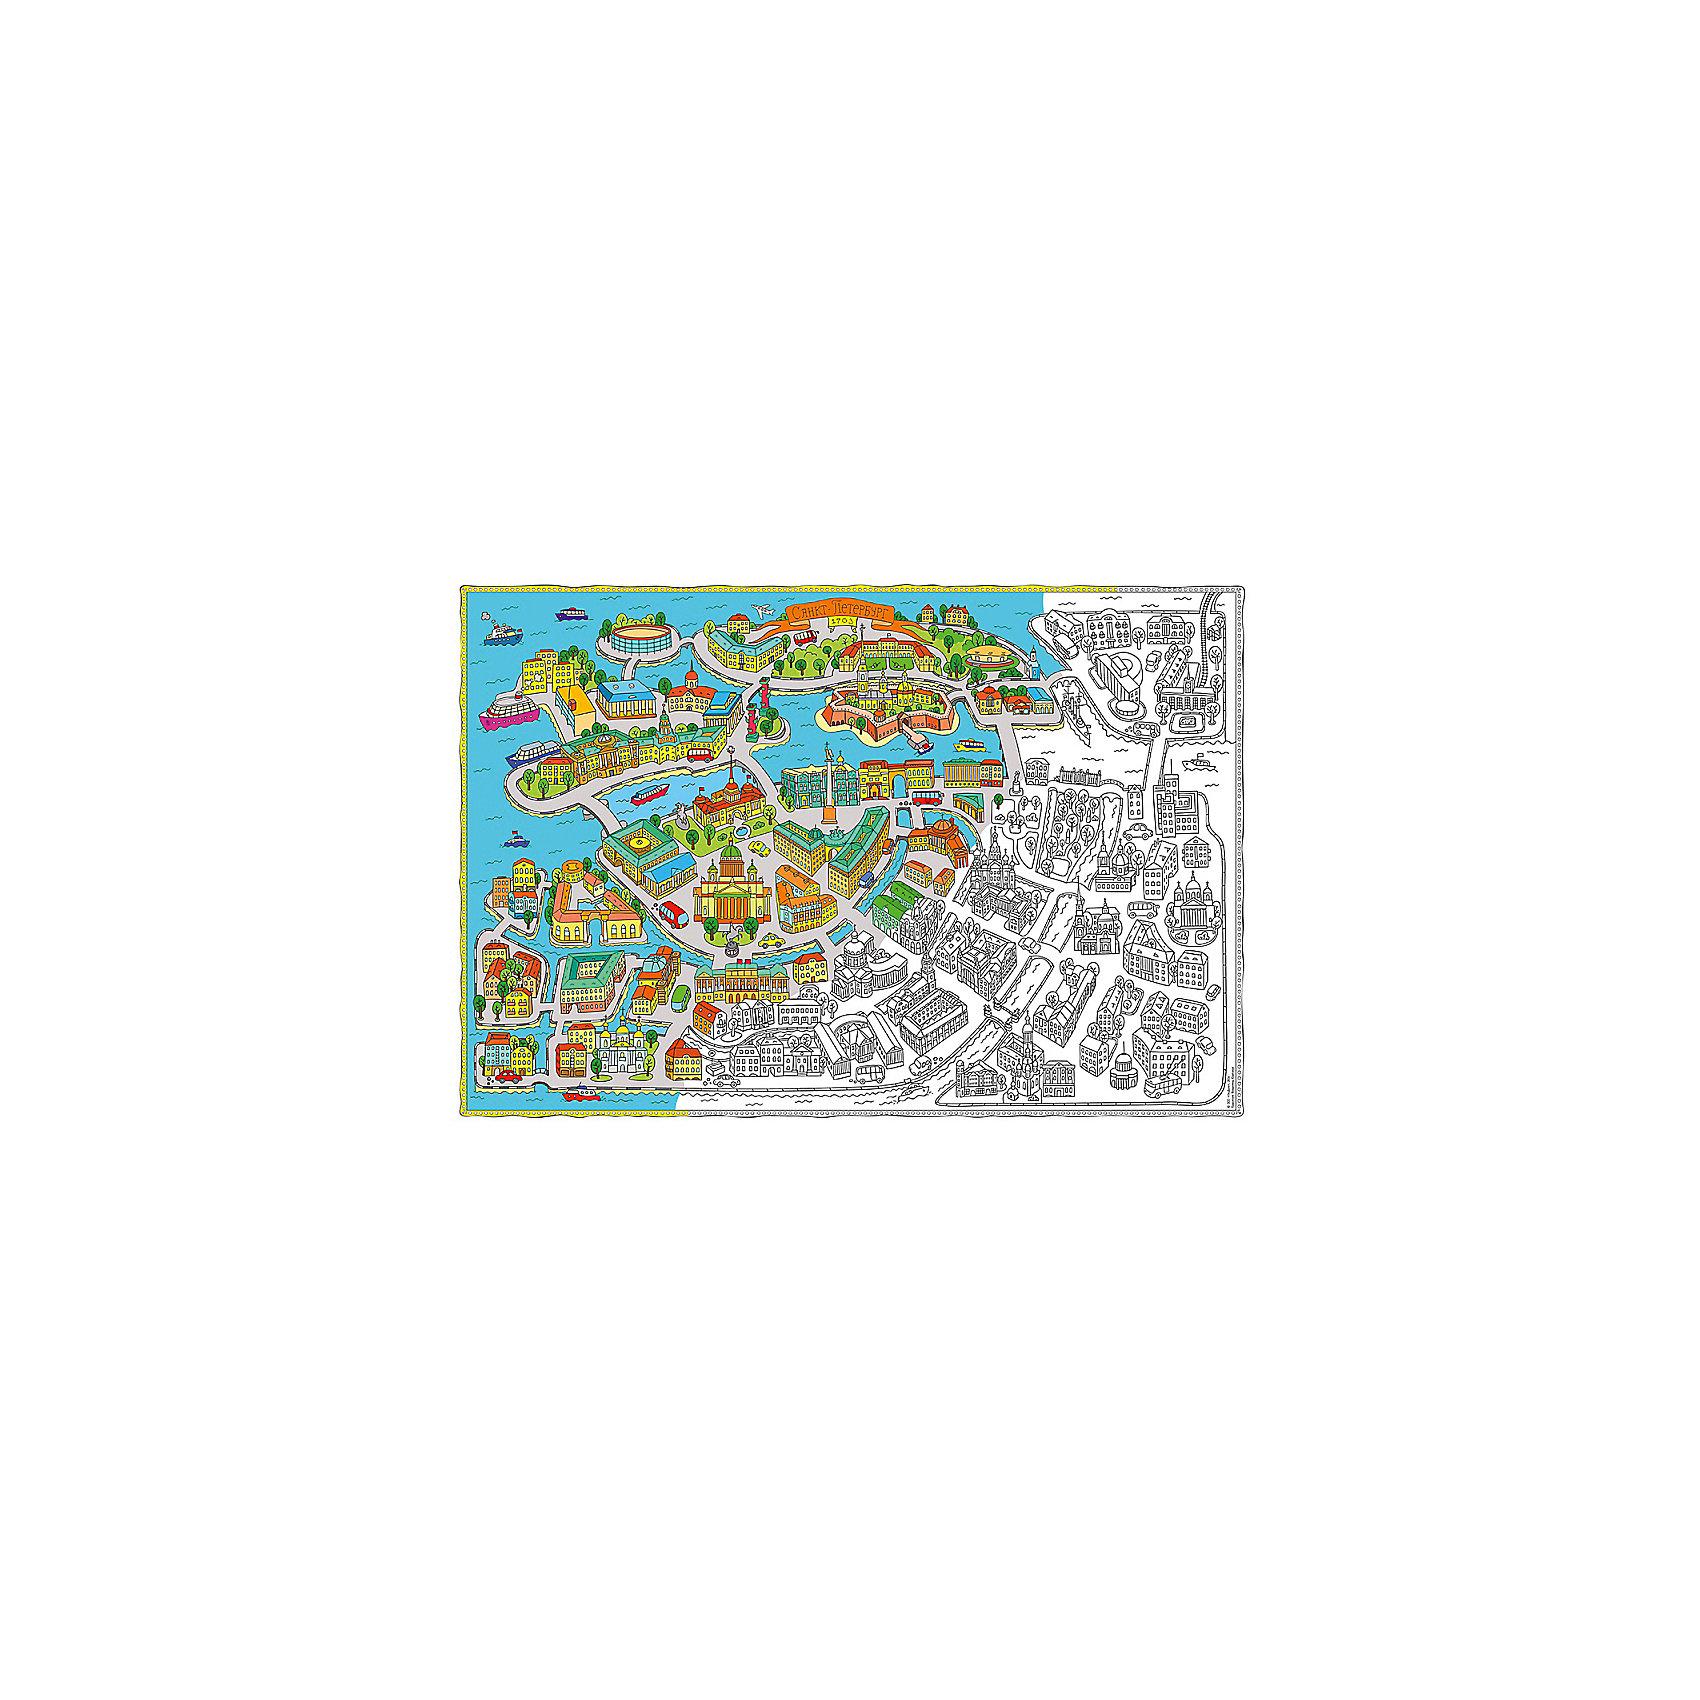 Карта-Раскраска Санкт-Петербург 101*69 смРисование<br>Карта-Раскраска Санкт-Петербург 101*69 см<br><br>Характеристики:<br><br>• В набор входит: раскраска в коробке<br>• Размер раскраски: 101 * 69 см.<br>• Состав: бумага, картон<br>• Вес: 110 г.<br>• Для детей в возрасте: от 6 до 12 лет<br>• Страна производитель: Россия<br><br>Благодаря значительному разнообразию строений, растительности и транспорта ребёнок может полностью использовать своё воображение и подбирать цвета как ему будет угодно. Особенно интересно будет раскрашивать картинки карандашами или фломастерами с большим количеством оттенков, хотя, как показано на образце, можно и ограничиться стандартным набором из 12ти цветов. Играя с раскрасками дети развивают моторику рук и готовят руку к письму, развивая творческие способности, учась подбирать цветовую гамму. Дети запоминают формы, учатся как правильно рисовать те или иные вещи, улучшают внимание и концентрацию.<br><br>Карту-Раскраску Санкт-Петербург 101*69 см. можно купить в нашем интернет-магазине.<br><br>Ширина мм: 1010<br>Глубина мм: 690<br>Высота мм: 1<br>Вес г: 110<br>Возраст от месяцев: 72<br>Возраст до месяцев: 108<br>Пол: Унисекс<br>Возраст: Детский<br>SKU: 5423009